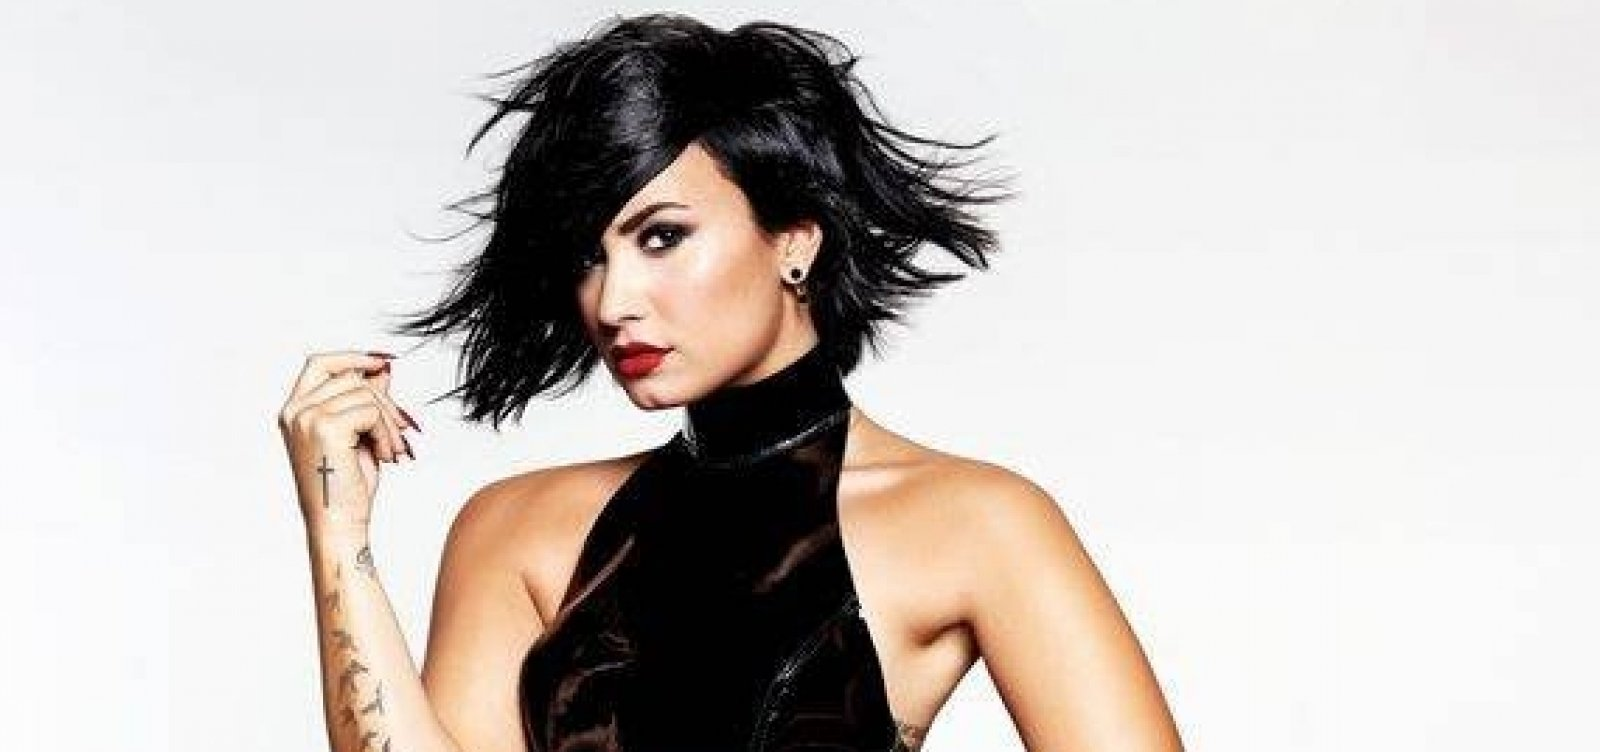 Após três meses, Demi Lovato deixa clínica de reabilitação